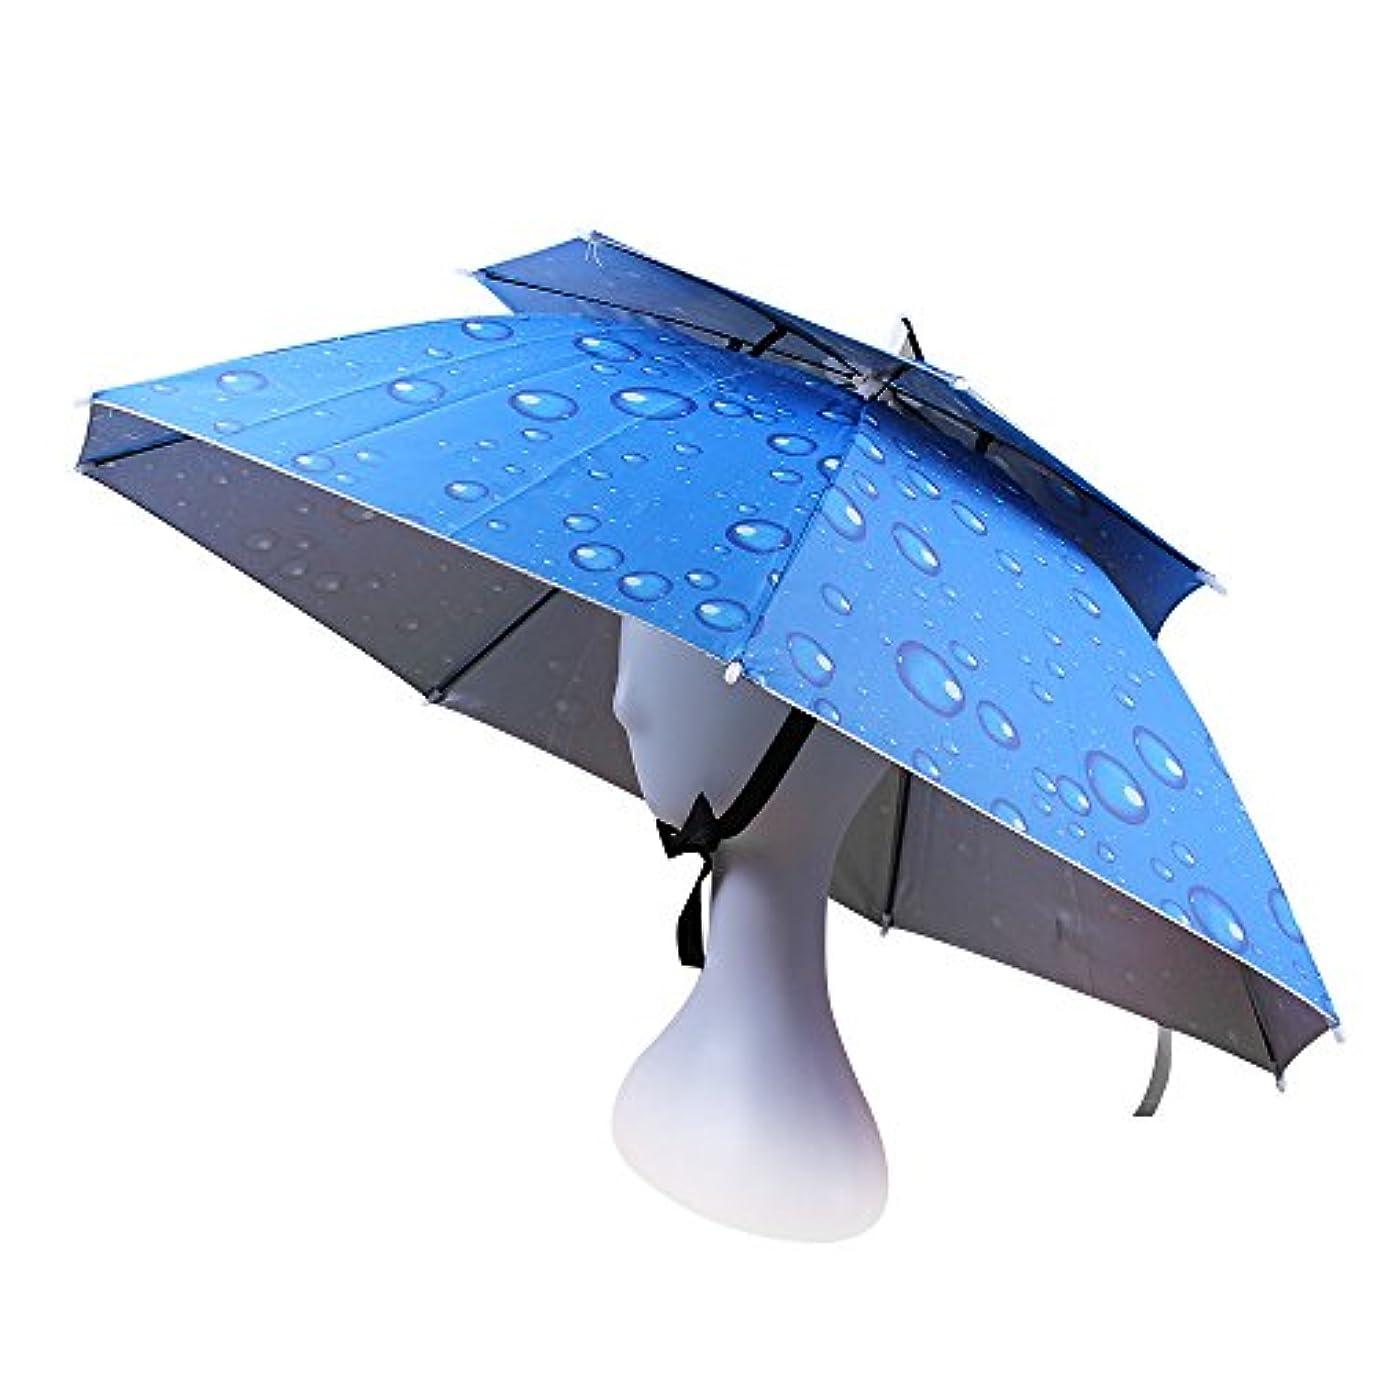 冷酷なかなりのトランスペアレントJANGANNSA 釣り用傘 帽子 折りたたみ式 日よけ帽 調節可能 アウトドア用ヘッドウェア